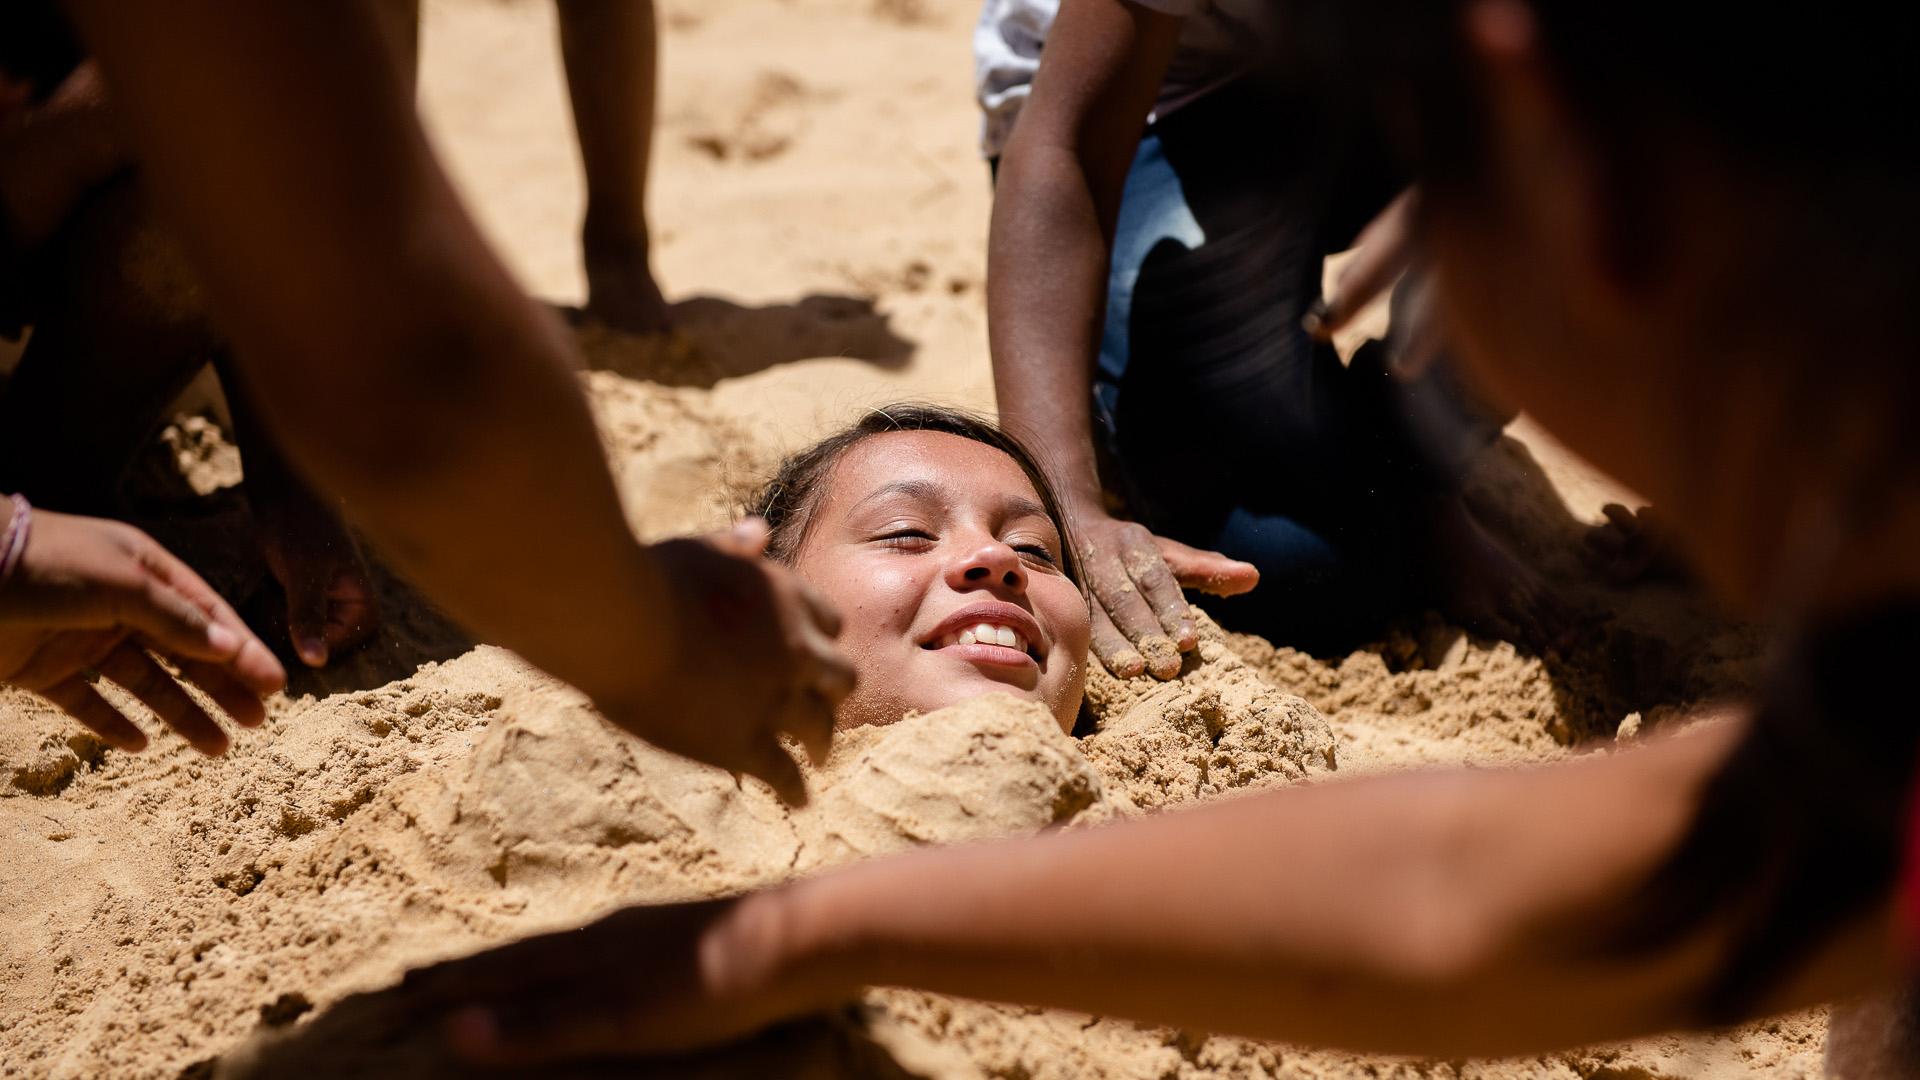 Los chicos se entretienenhaciendo castillos de arena o enterrando a sus amigos